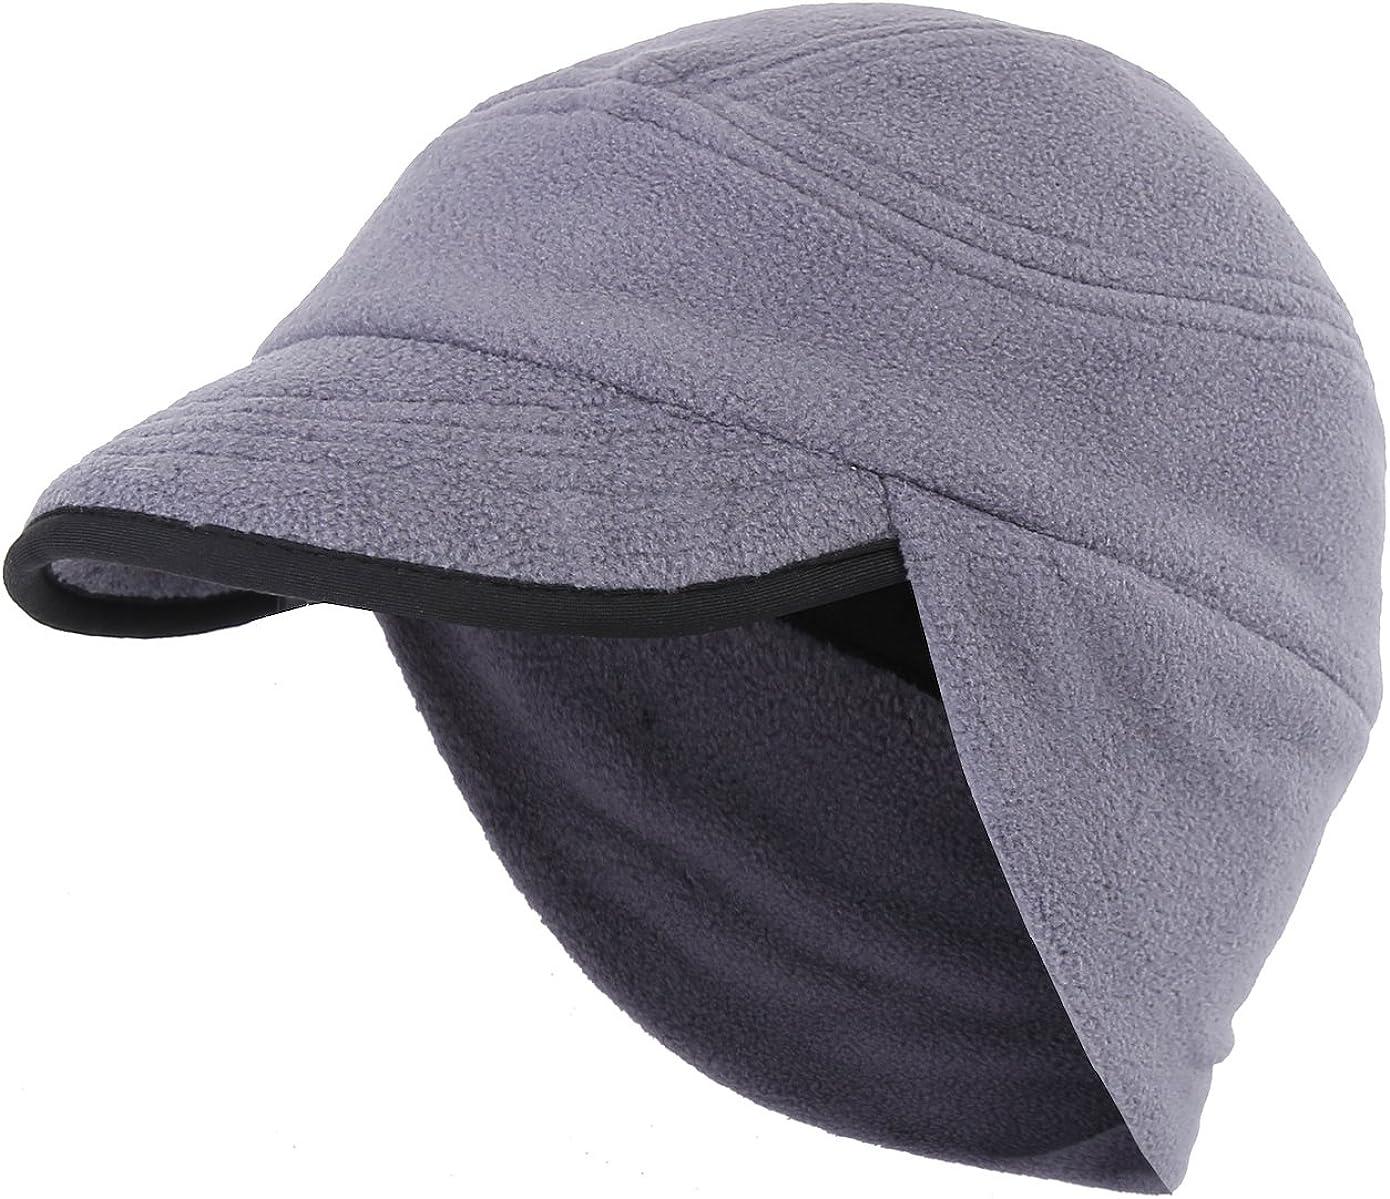 Unisex Mens Womens Outdoor Winter Earflap CLFYOU Winter Windproof Ear Flap Hats Winter Stylish Peak Cap